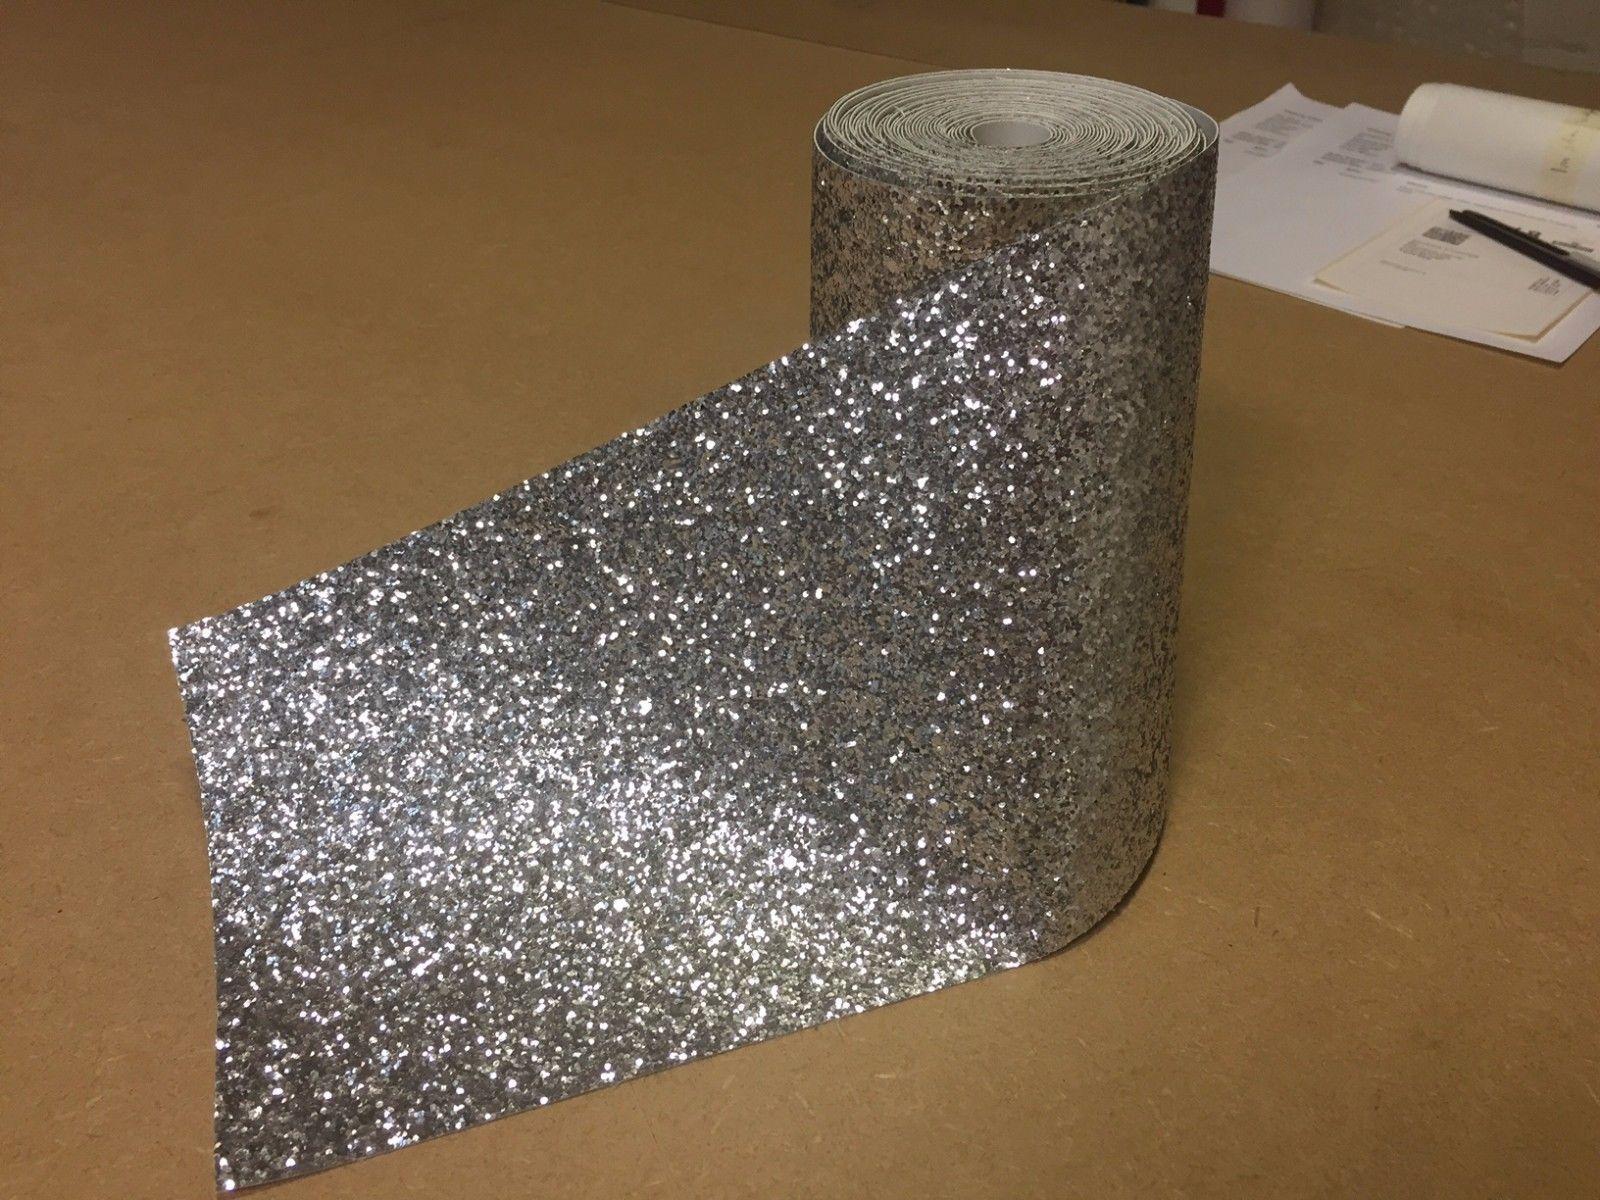 Silver Boarder Chunky Glitter Wallpaper Covering Grade 3 Bling 8 Metres Long Ebay Glitter Wallpaper Silver Wallpaper Border Wallpaper Border